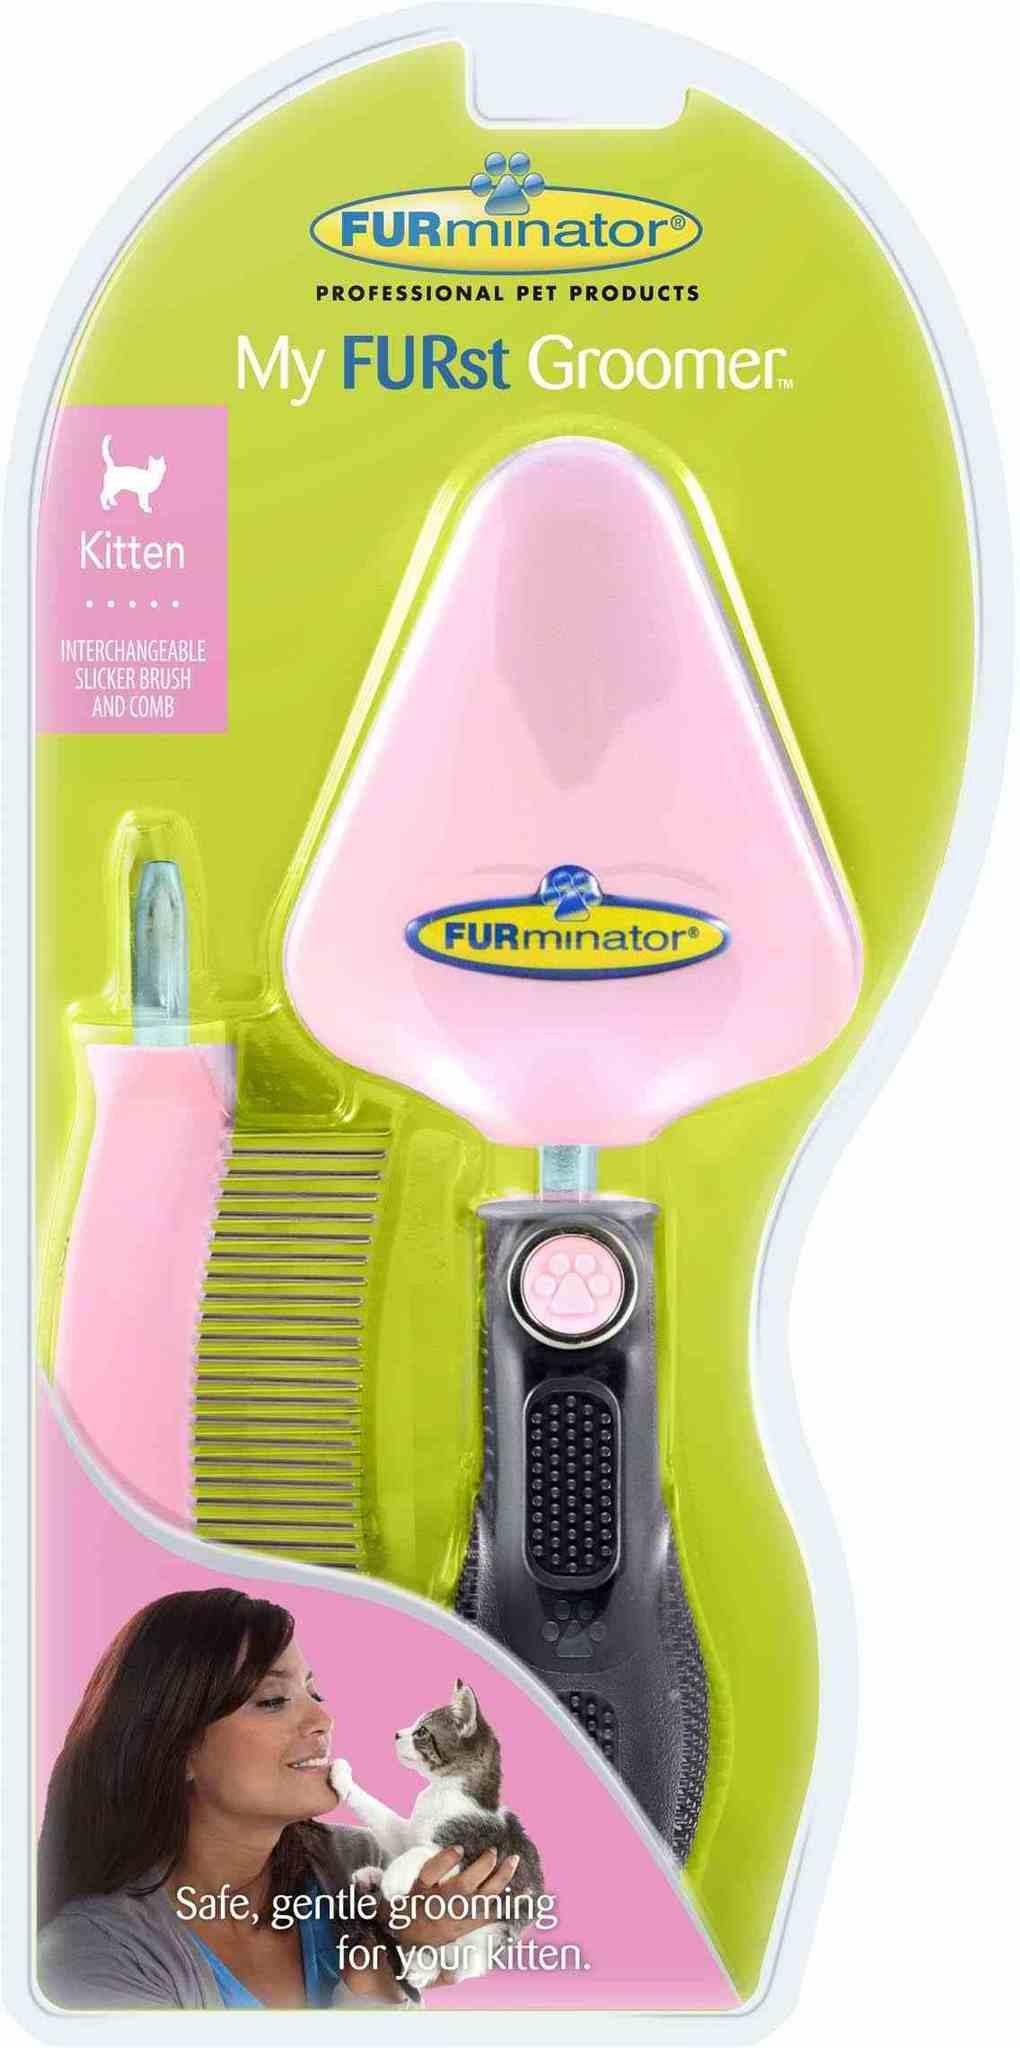 """Furminator FURminator для котенка набор """"Мой первый грумер"""" сликер+расческа My FURst Groomer 3dae08af-3cfd-11e0-1287-001517e97967.jpg"""